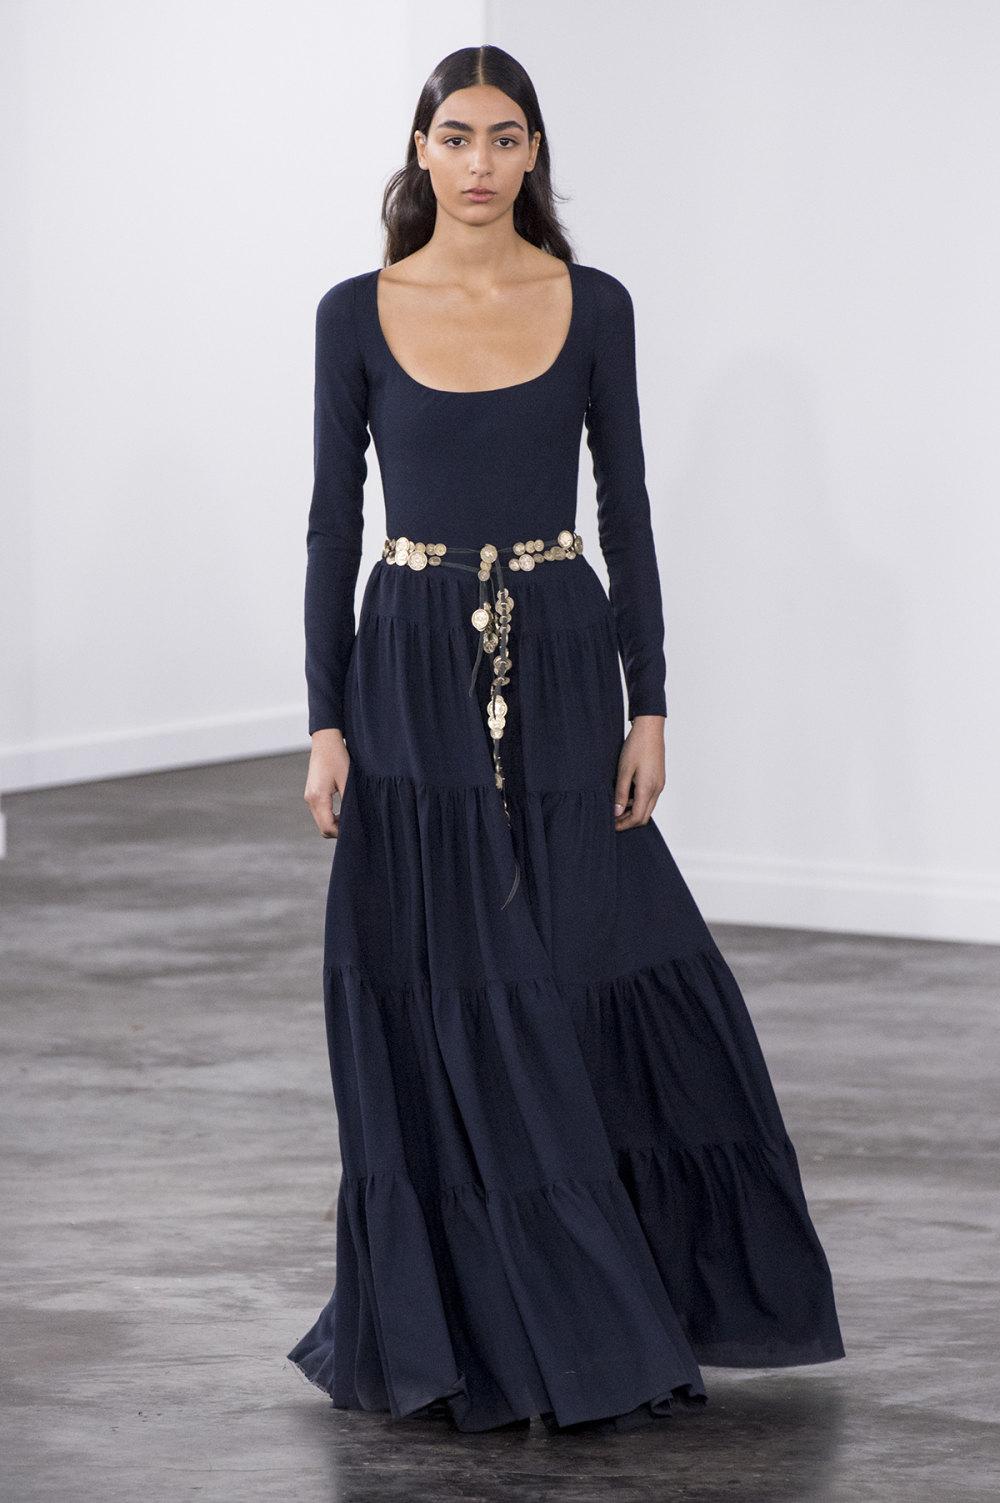 Gabriela Hearst时装系列细条纹西装和宽大毛衣之间形成鲜明对比-26.jpg